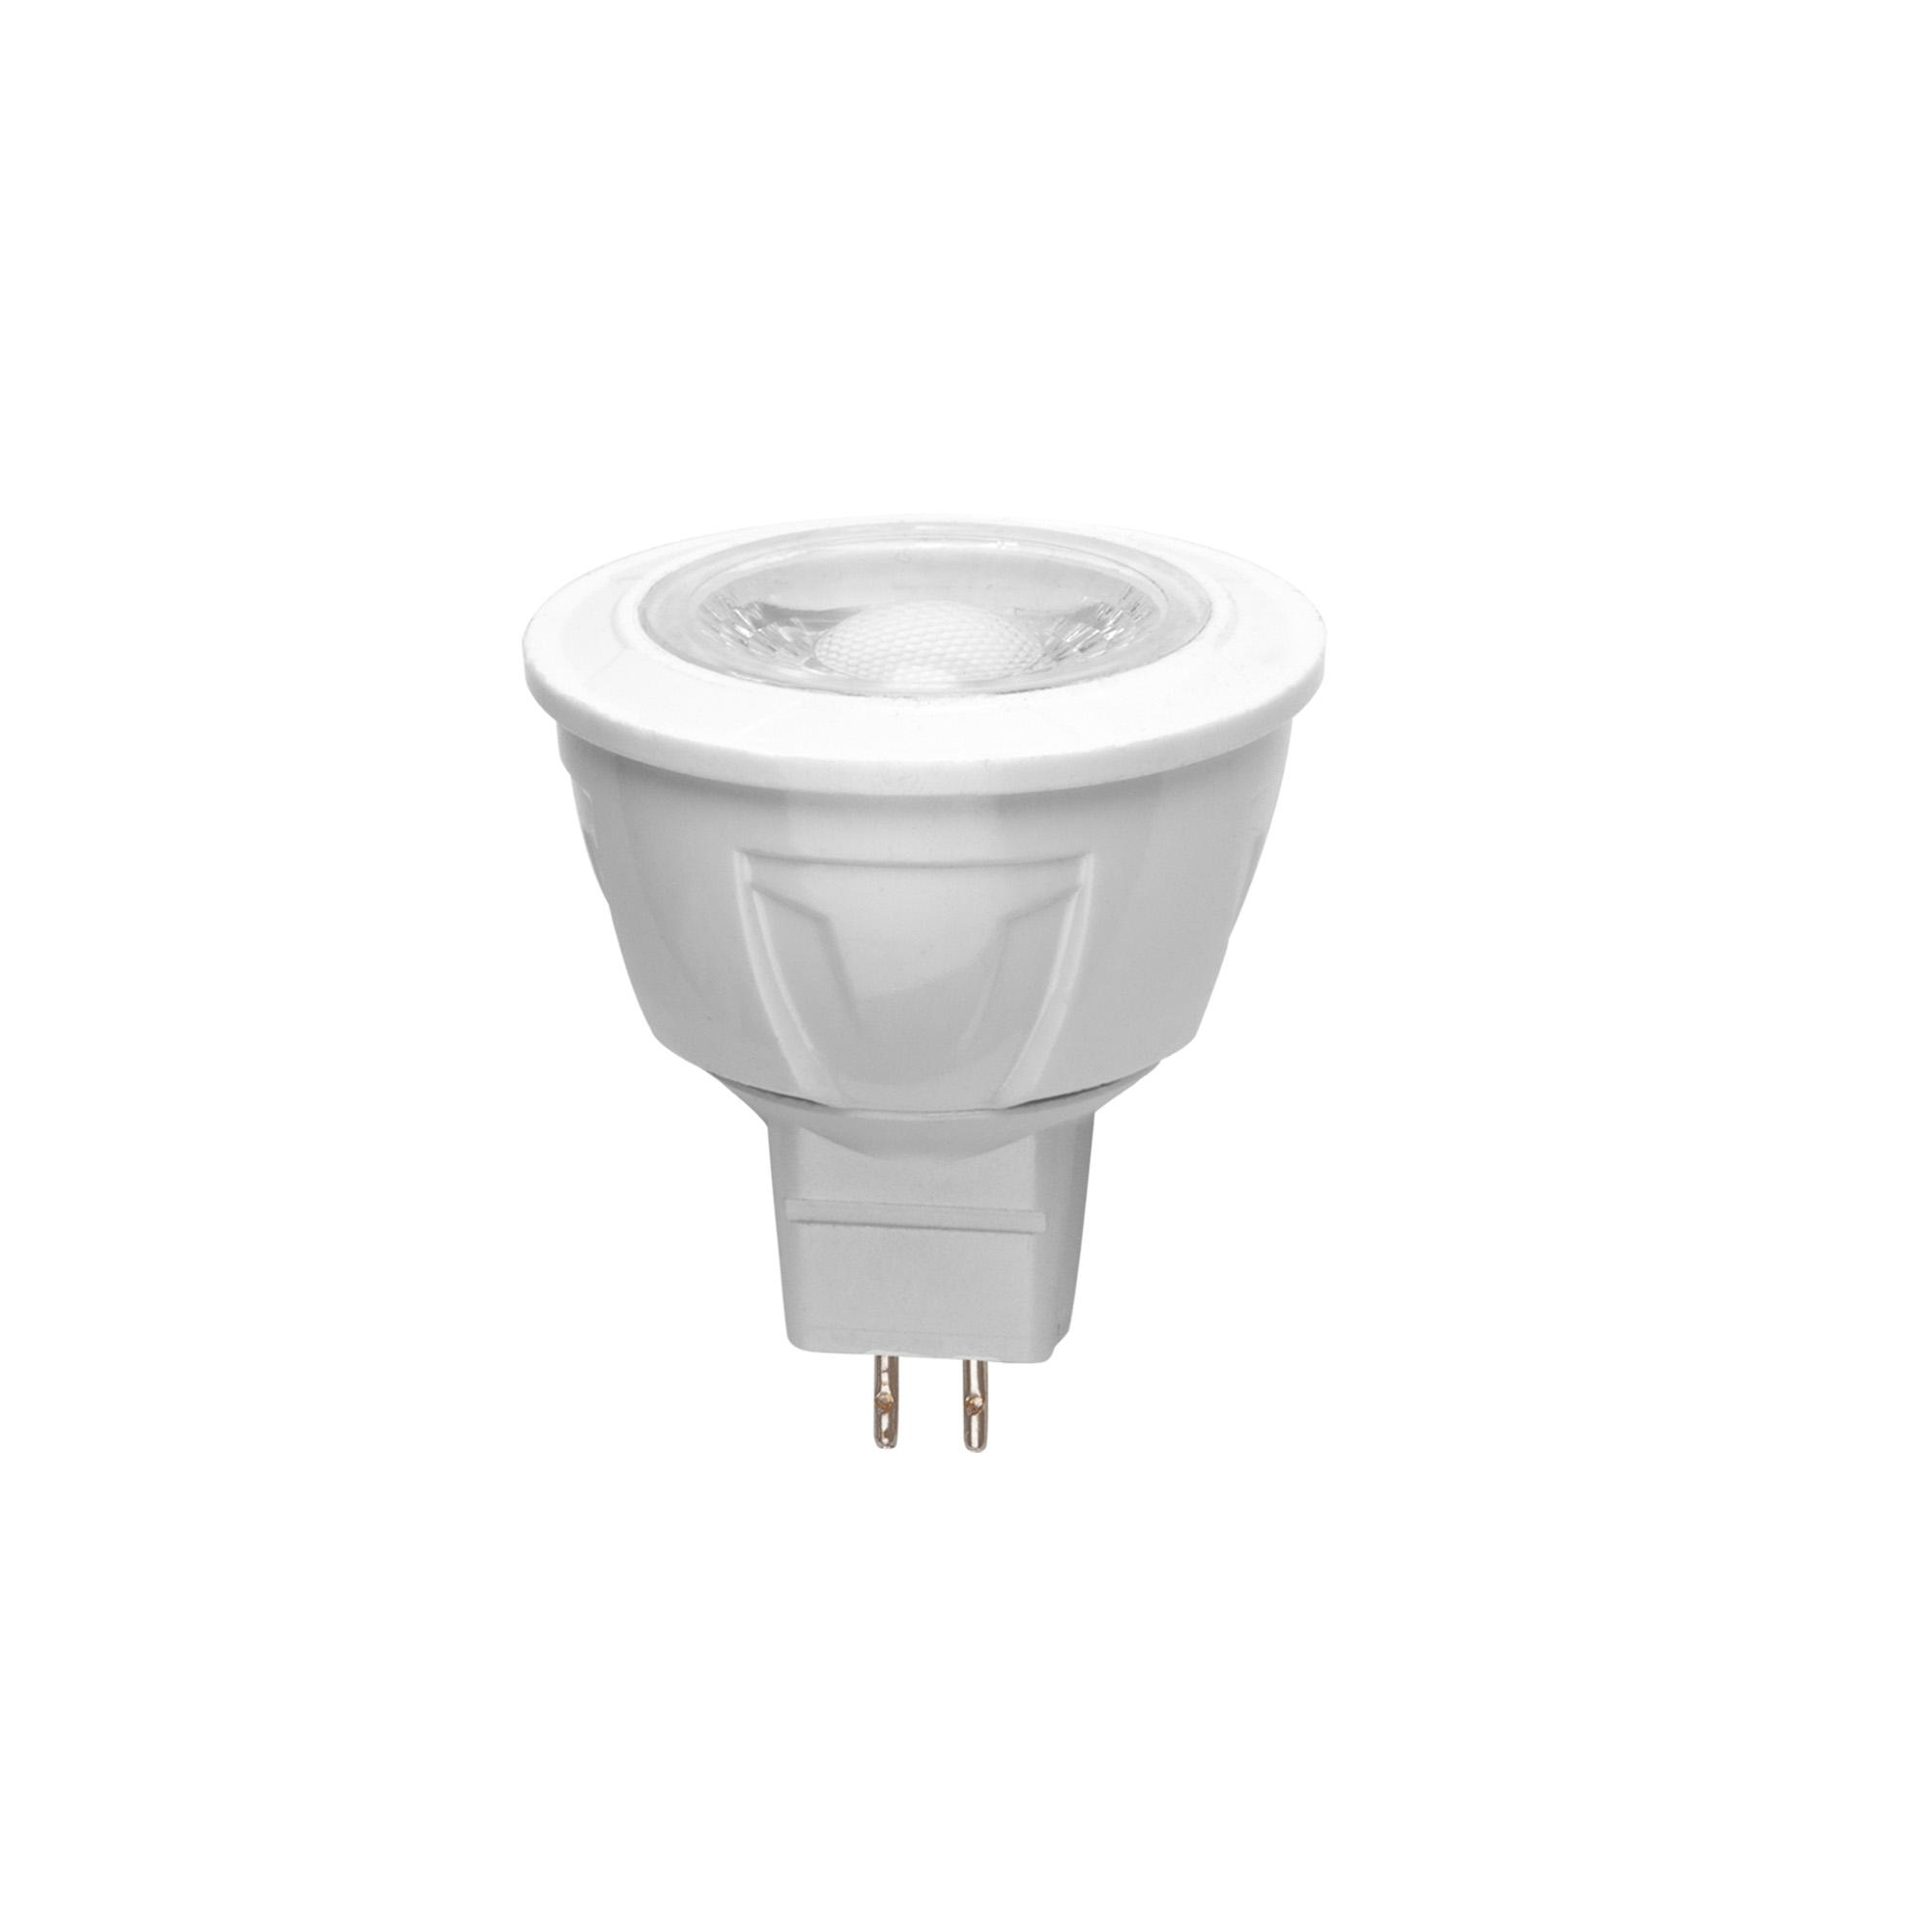 Лампа светодиодная Uniel Led-jcdr-5w/ww/gu5.3/fr alp01wh 10шт лампа светодиодная 07912 gu5 3 5w 3000k jcdr матовая led jcdr 5w ww gu5 3 fr alp01wh